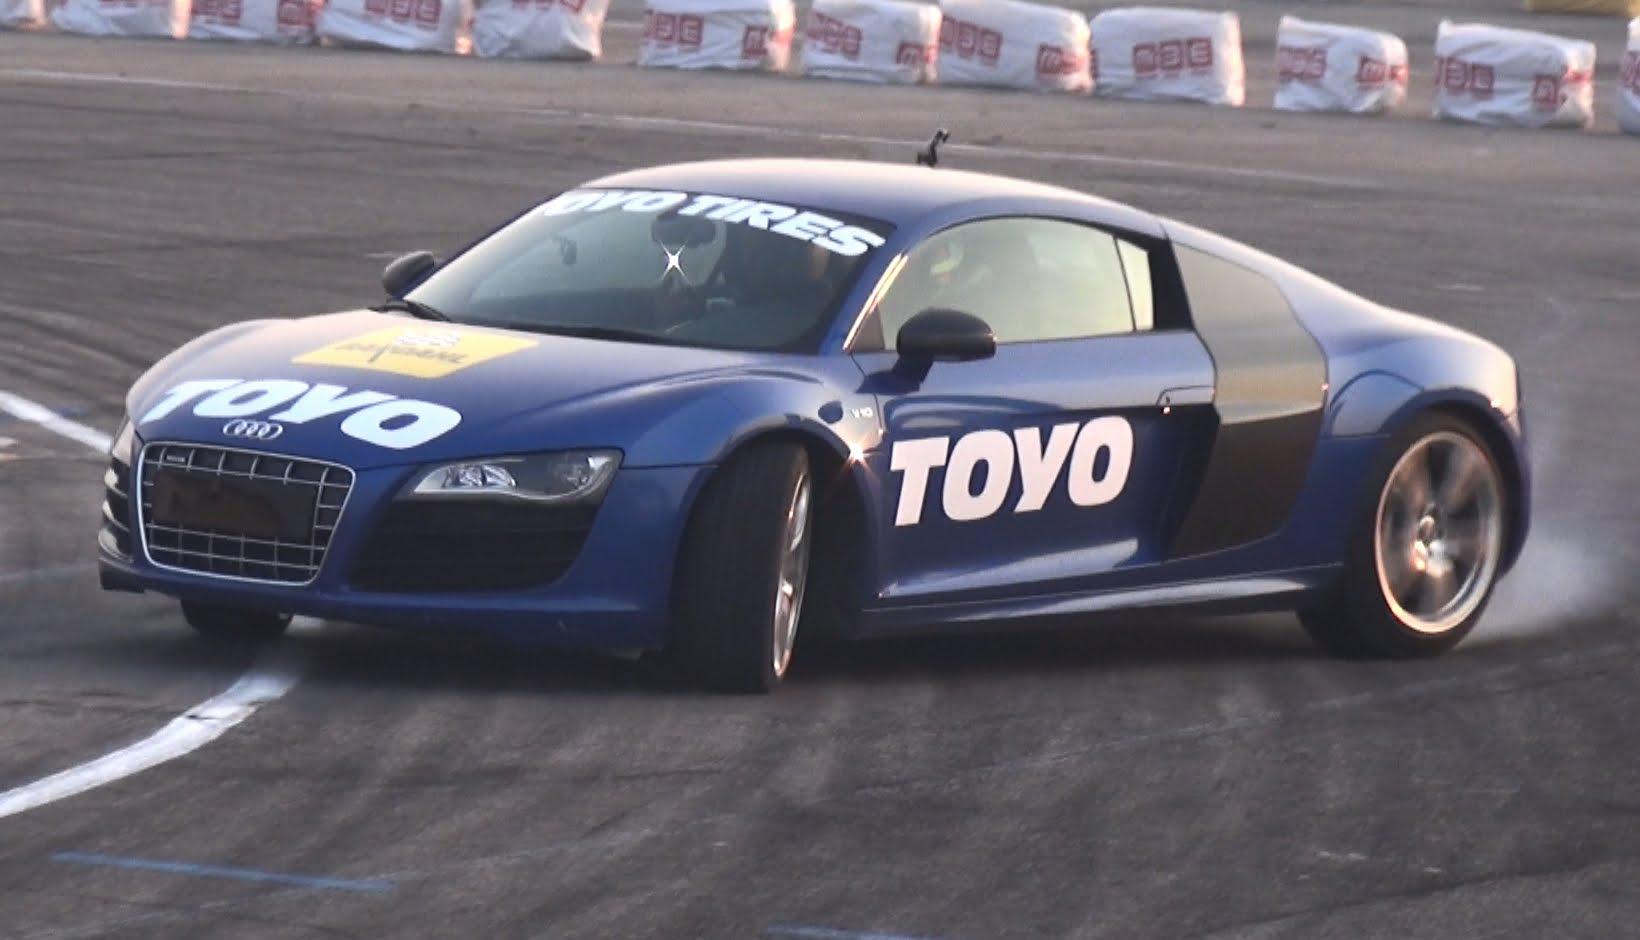 Audi R8 Drift Car With Rwd Hydraulic Handbrake Raced By Valentino Rossi S Dad